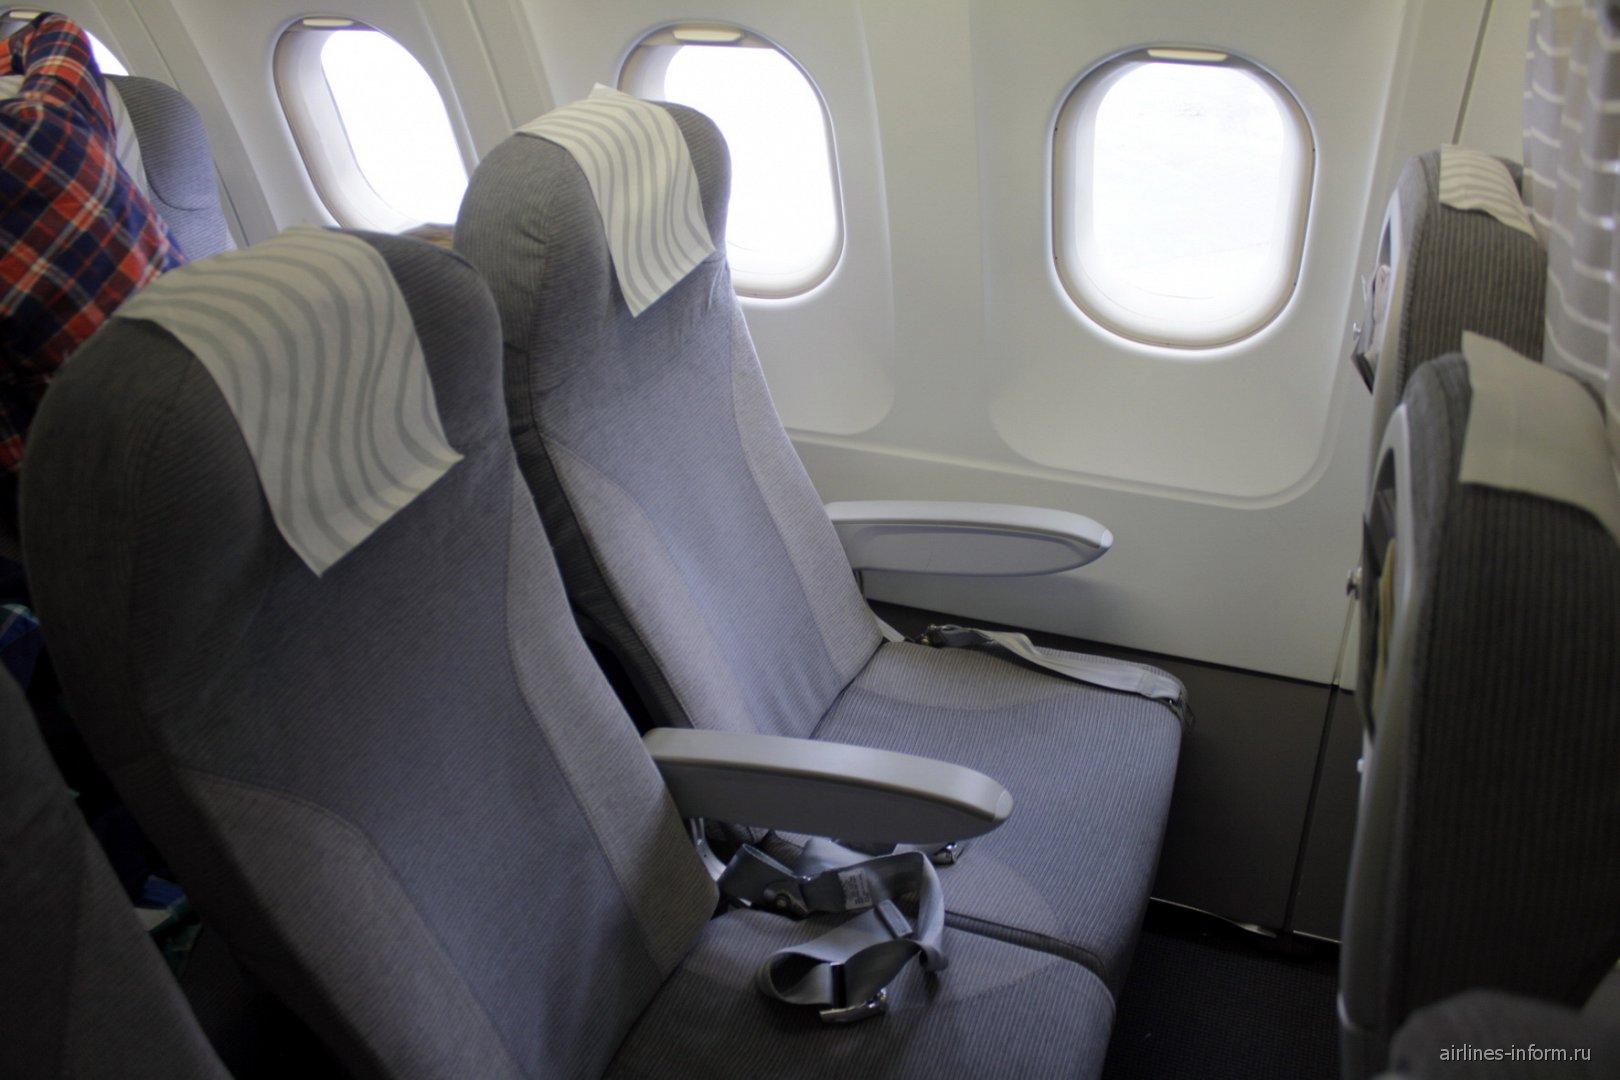 Пассажирские кресла в самолете Airbus A319 авиакомпании Finnair